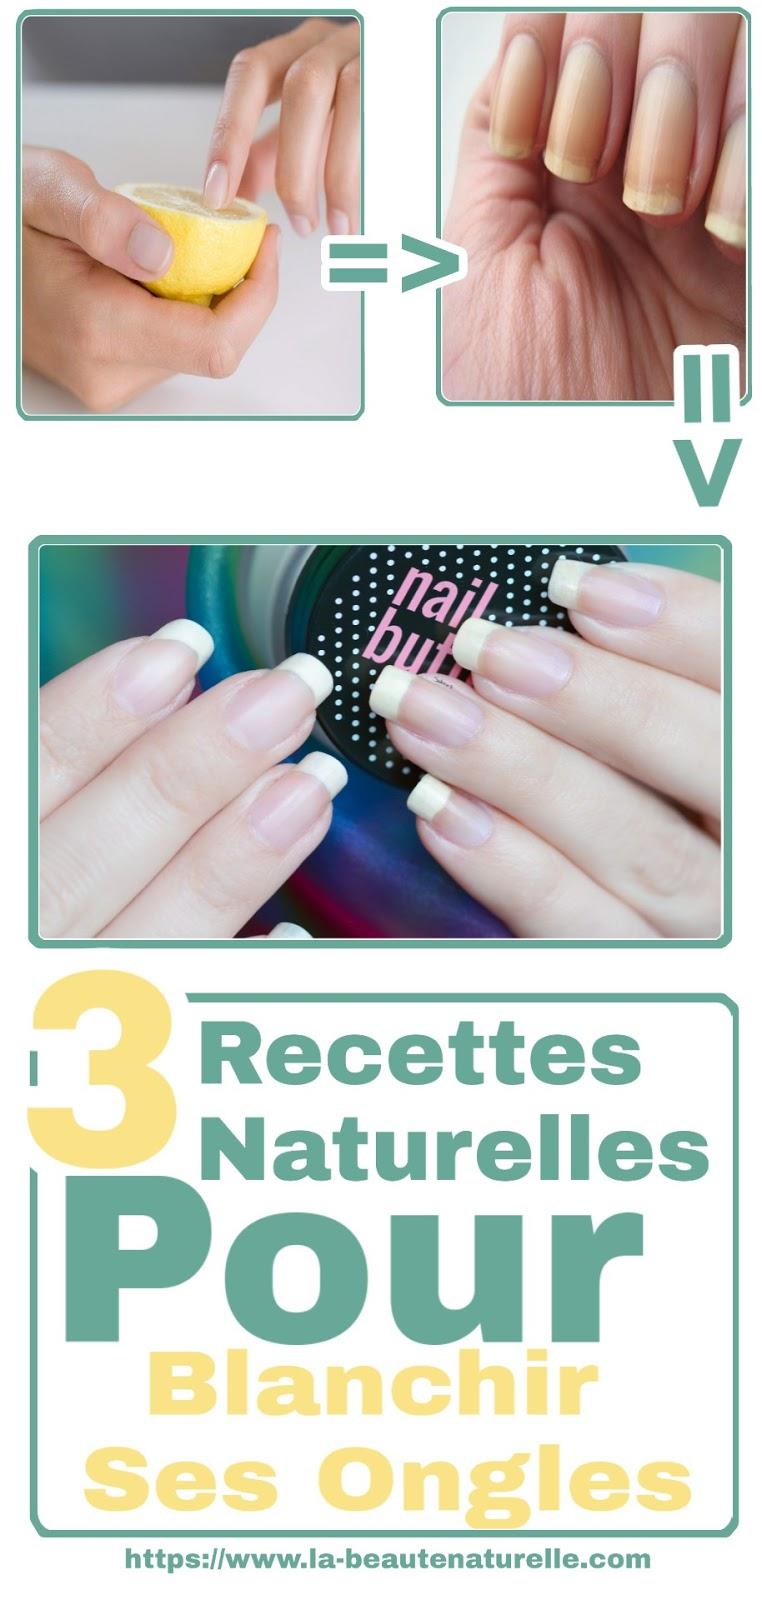 3 Recettes Naturelles Pour Blanchir Ses Ongles